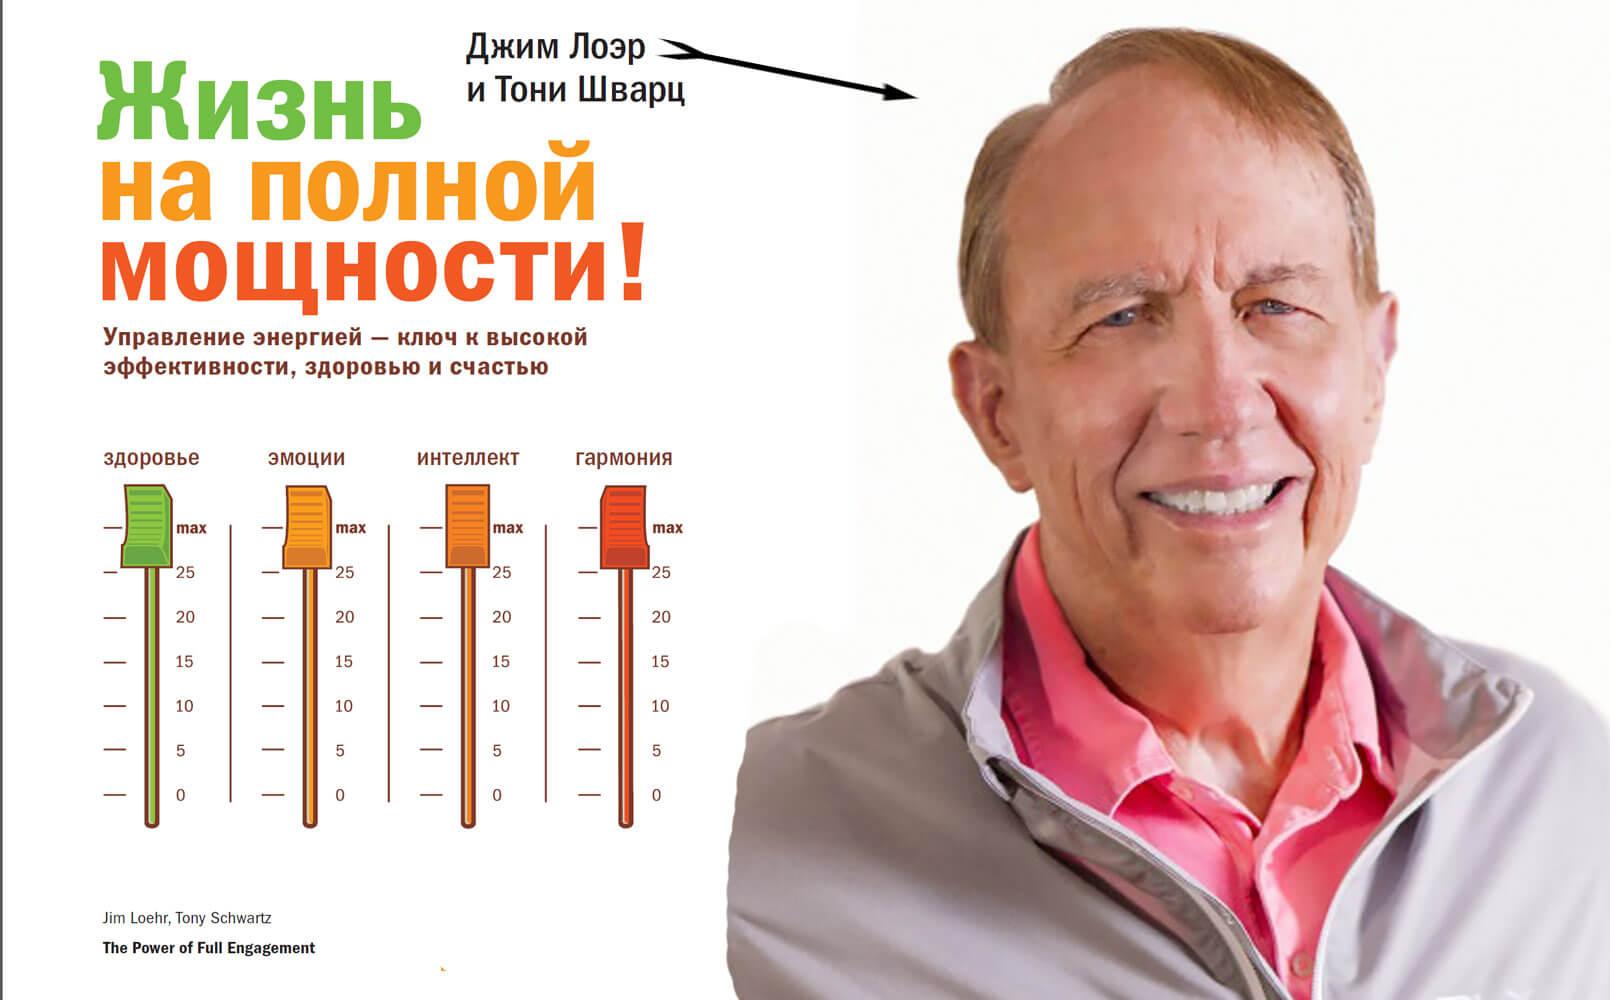 Джим Лоэр - Жизнь на полной мощности